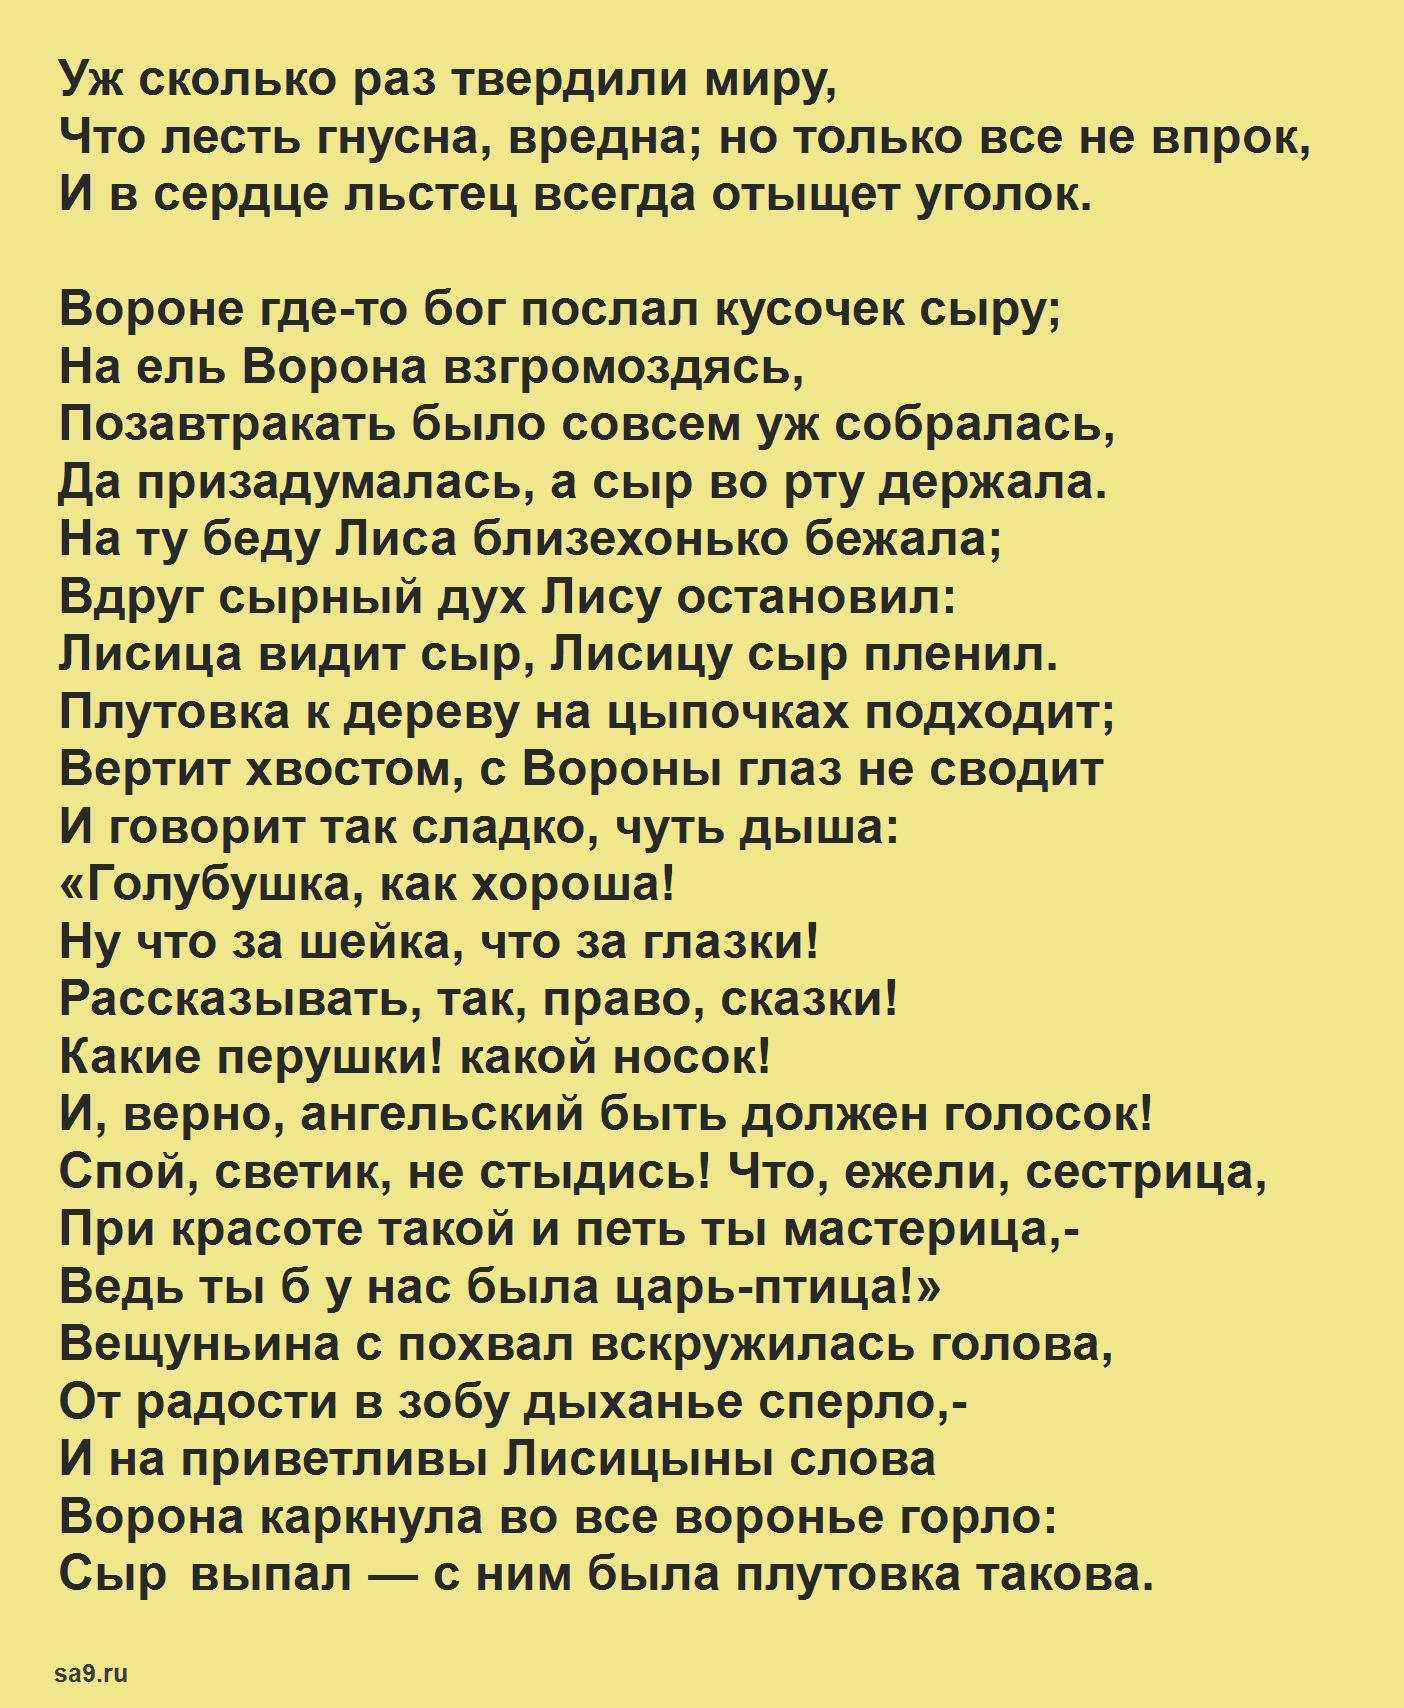 Басня Крылова 'Ворона и лисица', текст басни читать полностью